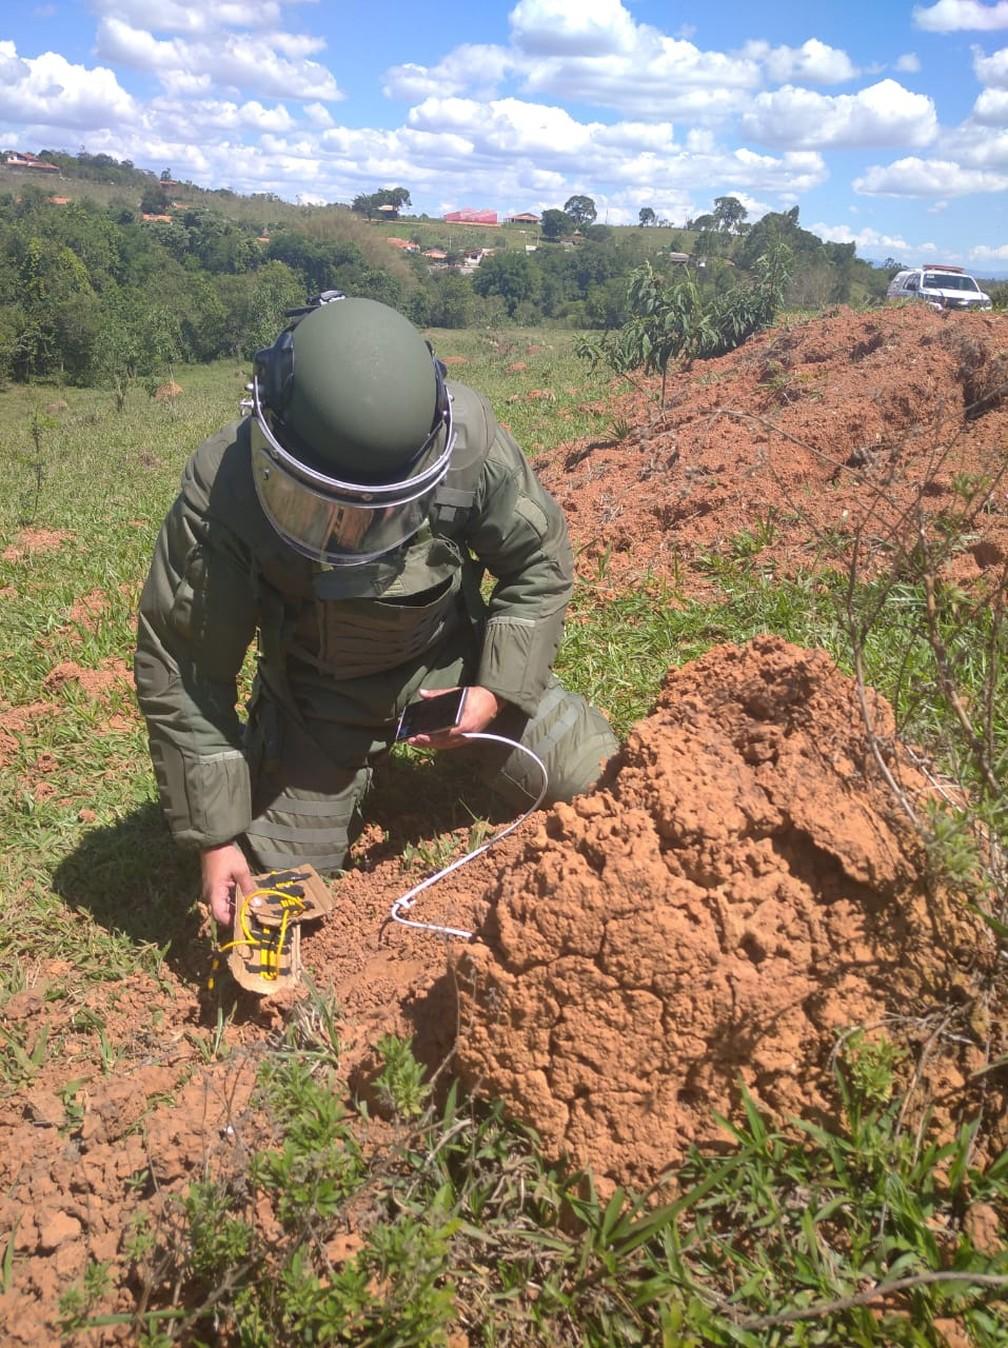 Bope foi acionado para desarmar explosivos encontrados em uma casa em Pouso Alegre (MG) — Foto: Divulgação/Polícia Militar